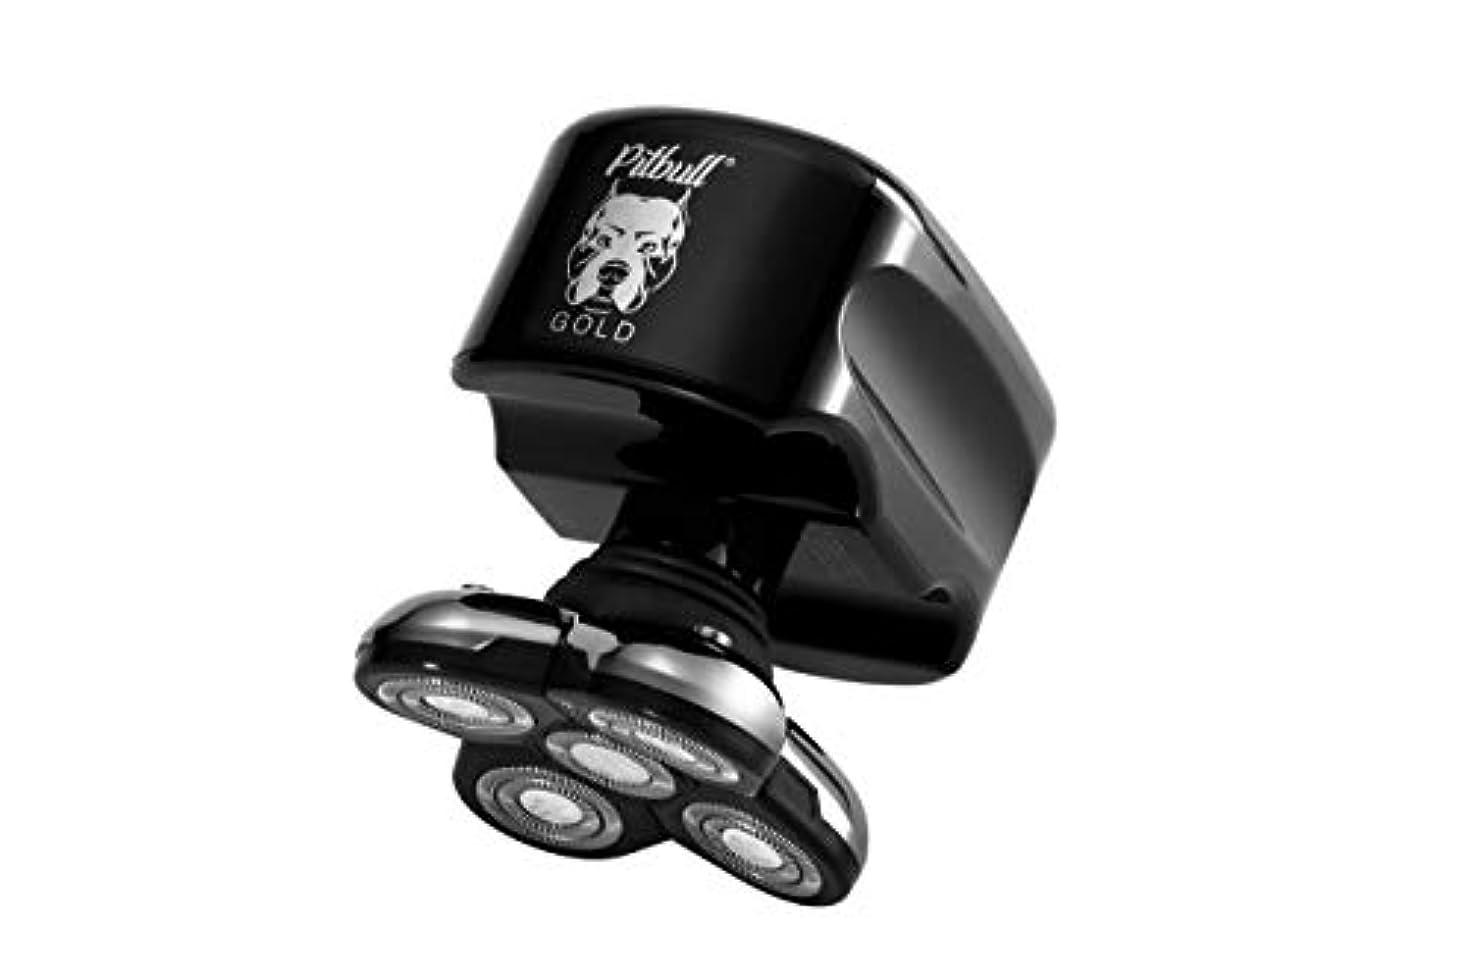 エンドウ防腐剤ベットSkull Shaver (スカルシェーバー) メンズシェーバー 5つの回転刃の 電動シェーバー (ゴールド)